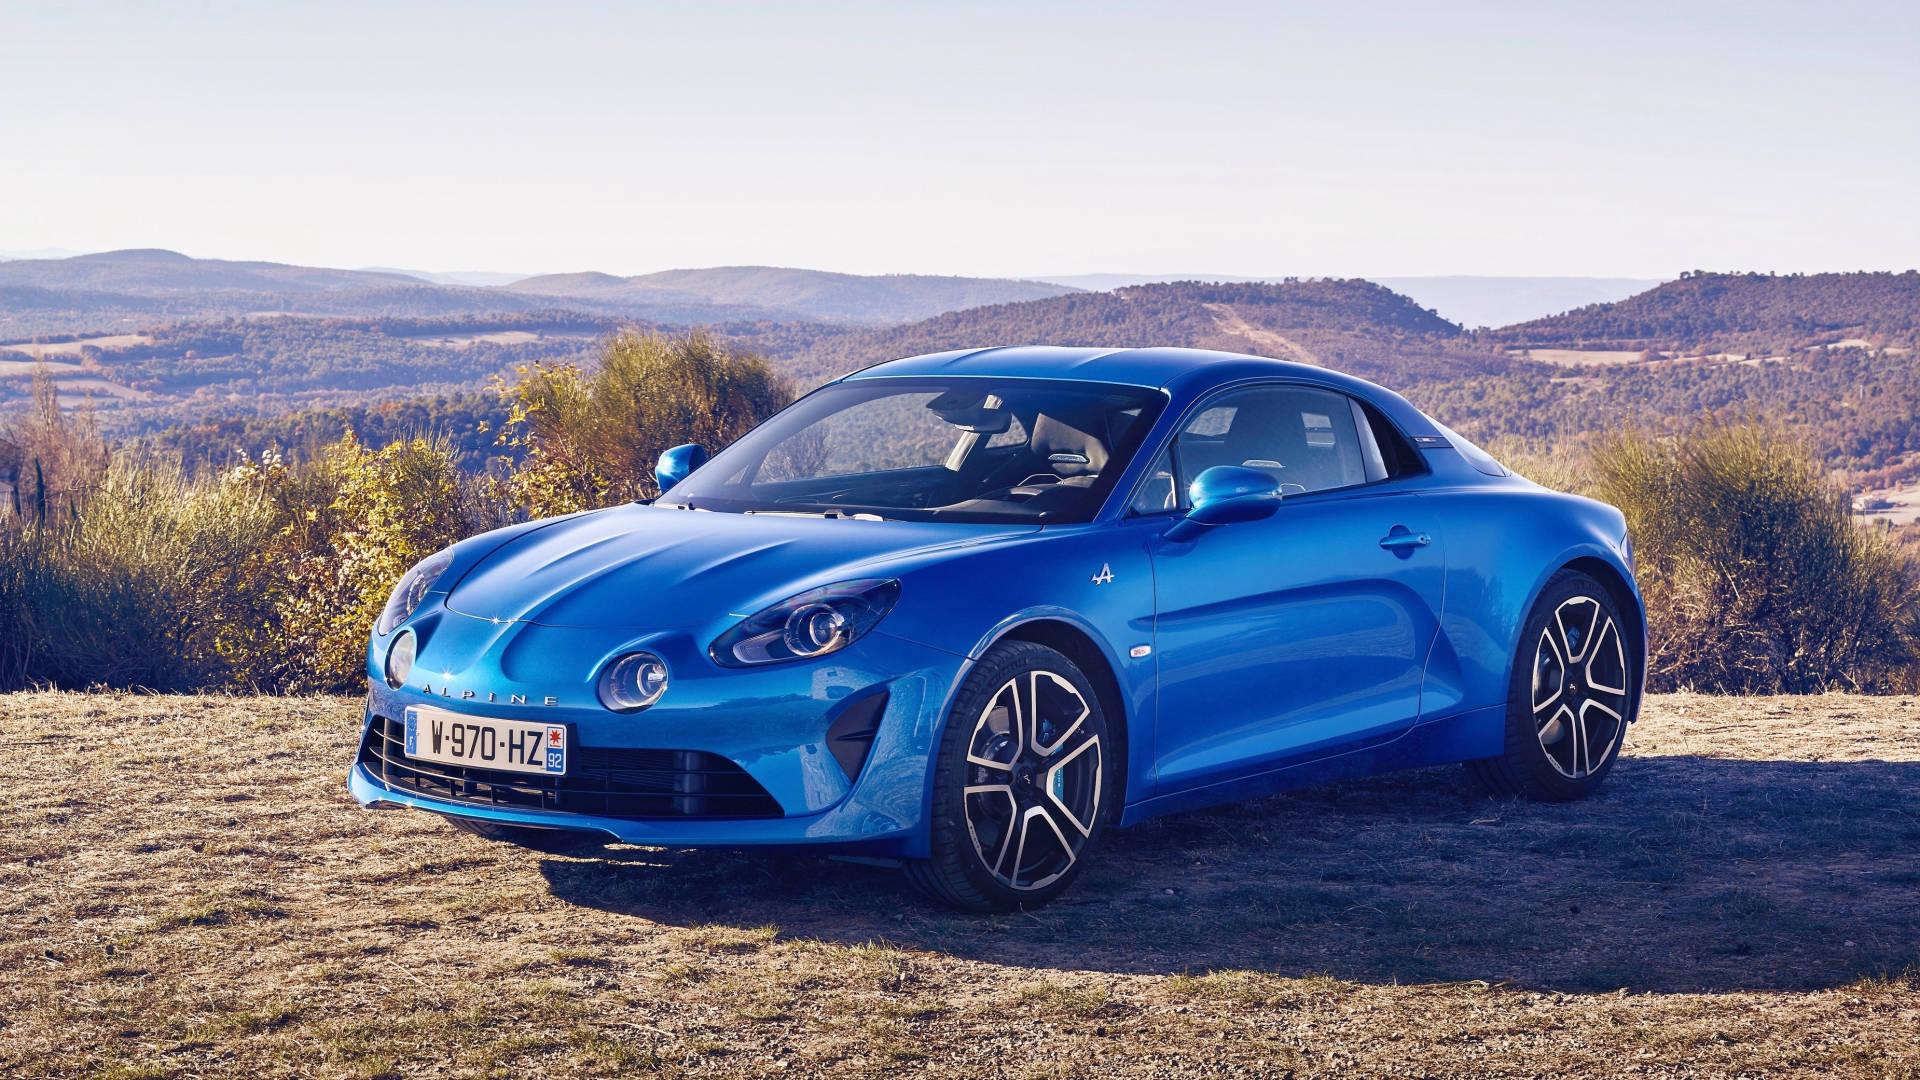 2019 Alpine A110 blue exterior